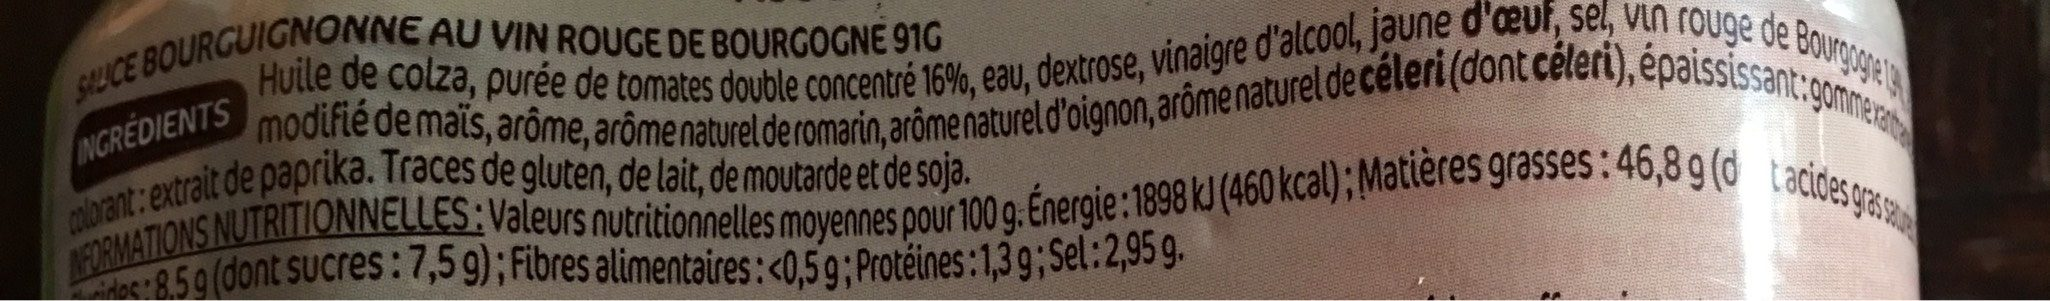 Sauces gourmandes pour viandes 90 ml x 4 - Informations nutritionnelles - fr